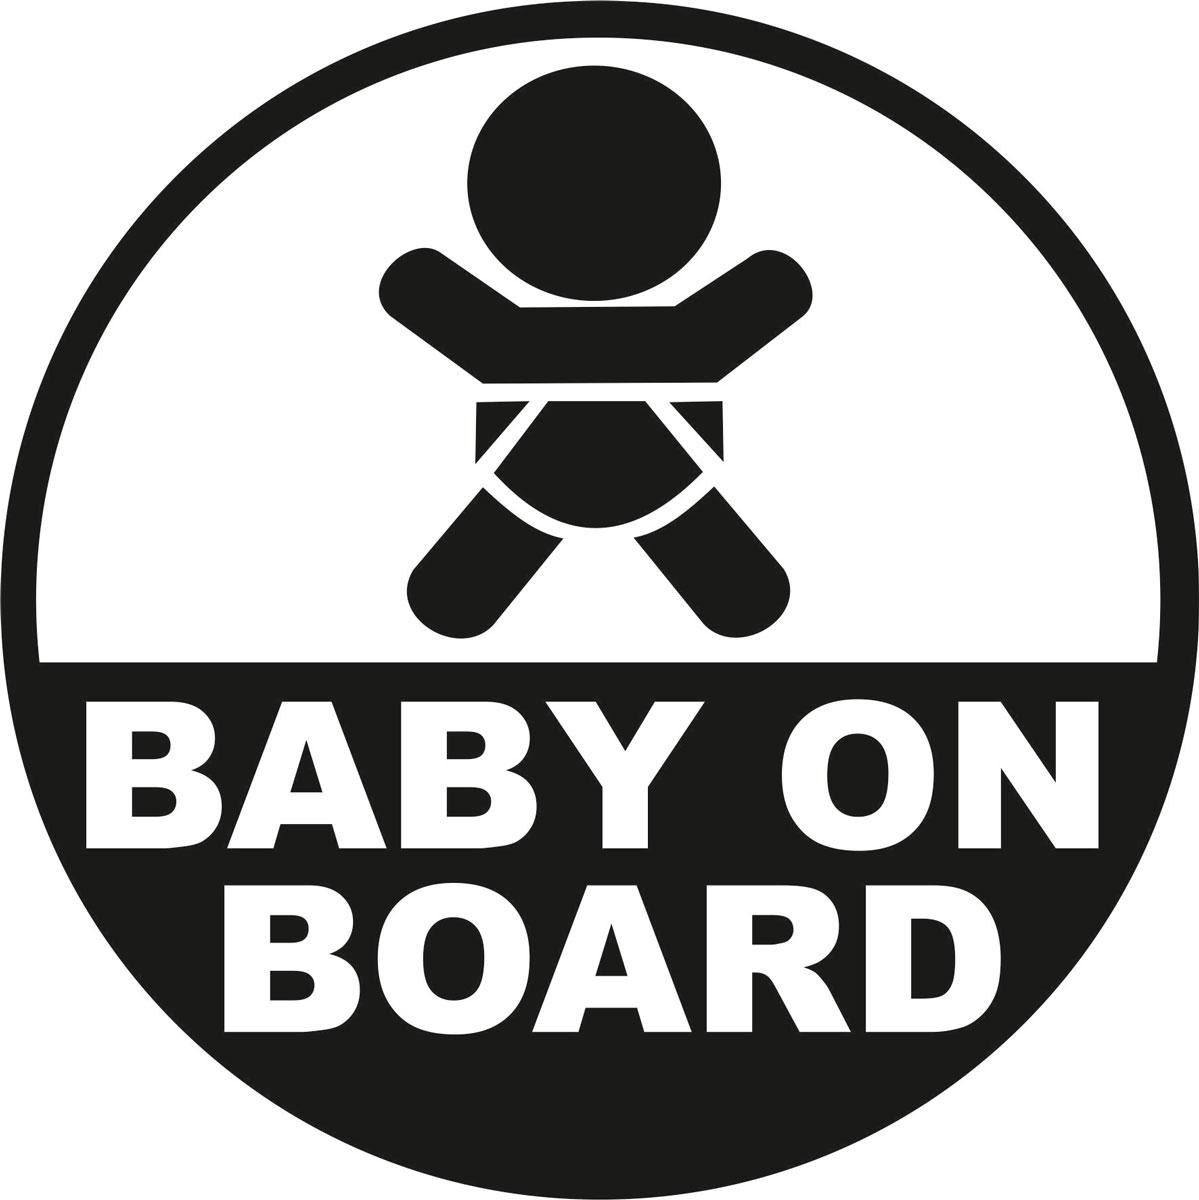 Наклейка автомобильная Оранжевый слоник Baby on Board. Круг, виниловая, цвет: черный150RM0007BОригинальная наклейка Оранжевый слоник Baby on Board. Круг изготовлена из долговечного винила, который выполняет не только декоративную функцию, но и защищает кузов от небольших механических повреждений, либо скрывает уже существующие.Виниловые наклейки на авто - это не только красиво, но еще и быстро! Всего за несколько минут вы можете полностью преобразить свой автомобиль, сделать его ярким, необычным, особенным и неповторимым!